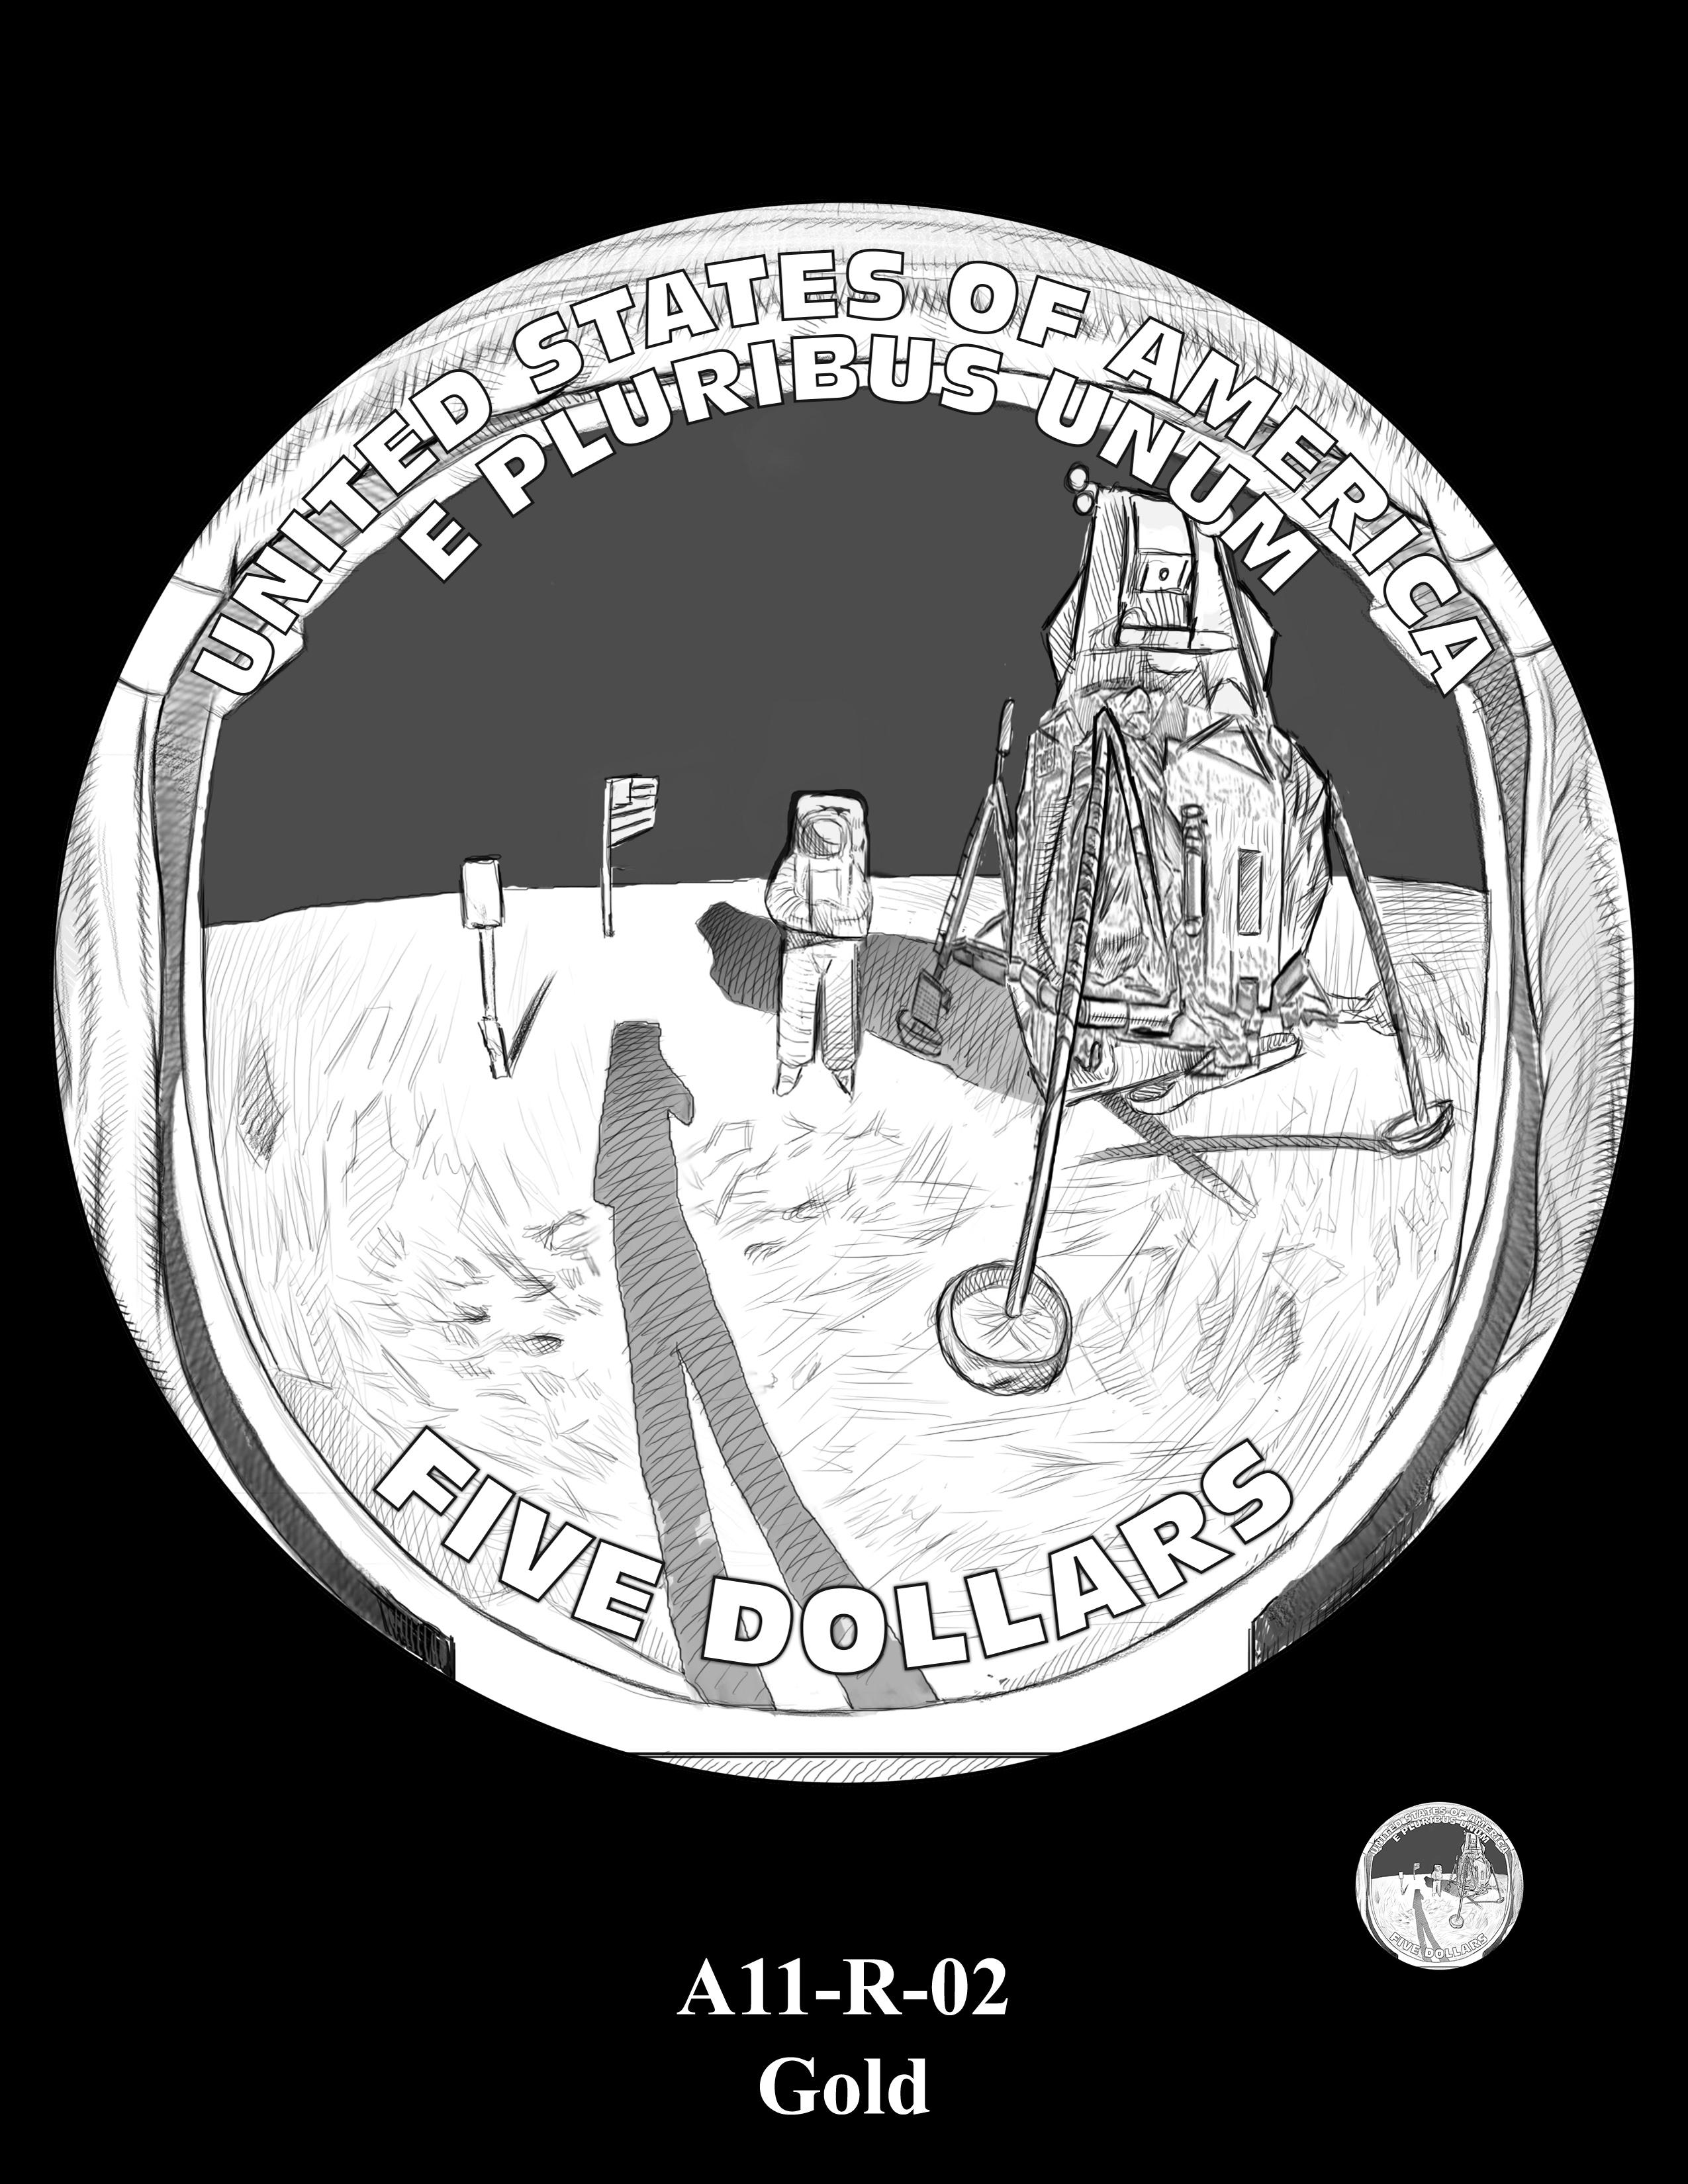 A11-R-02-GOLD -- 2019-Apollo 11 50th Anniversary Commemorative Coin